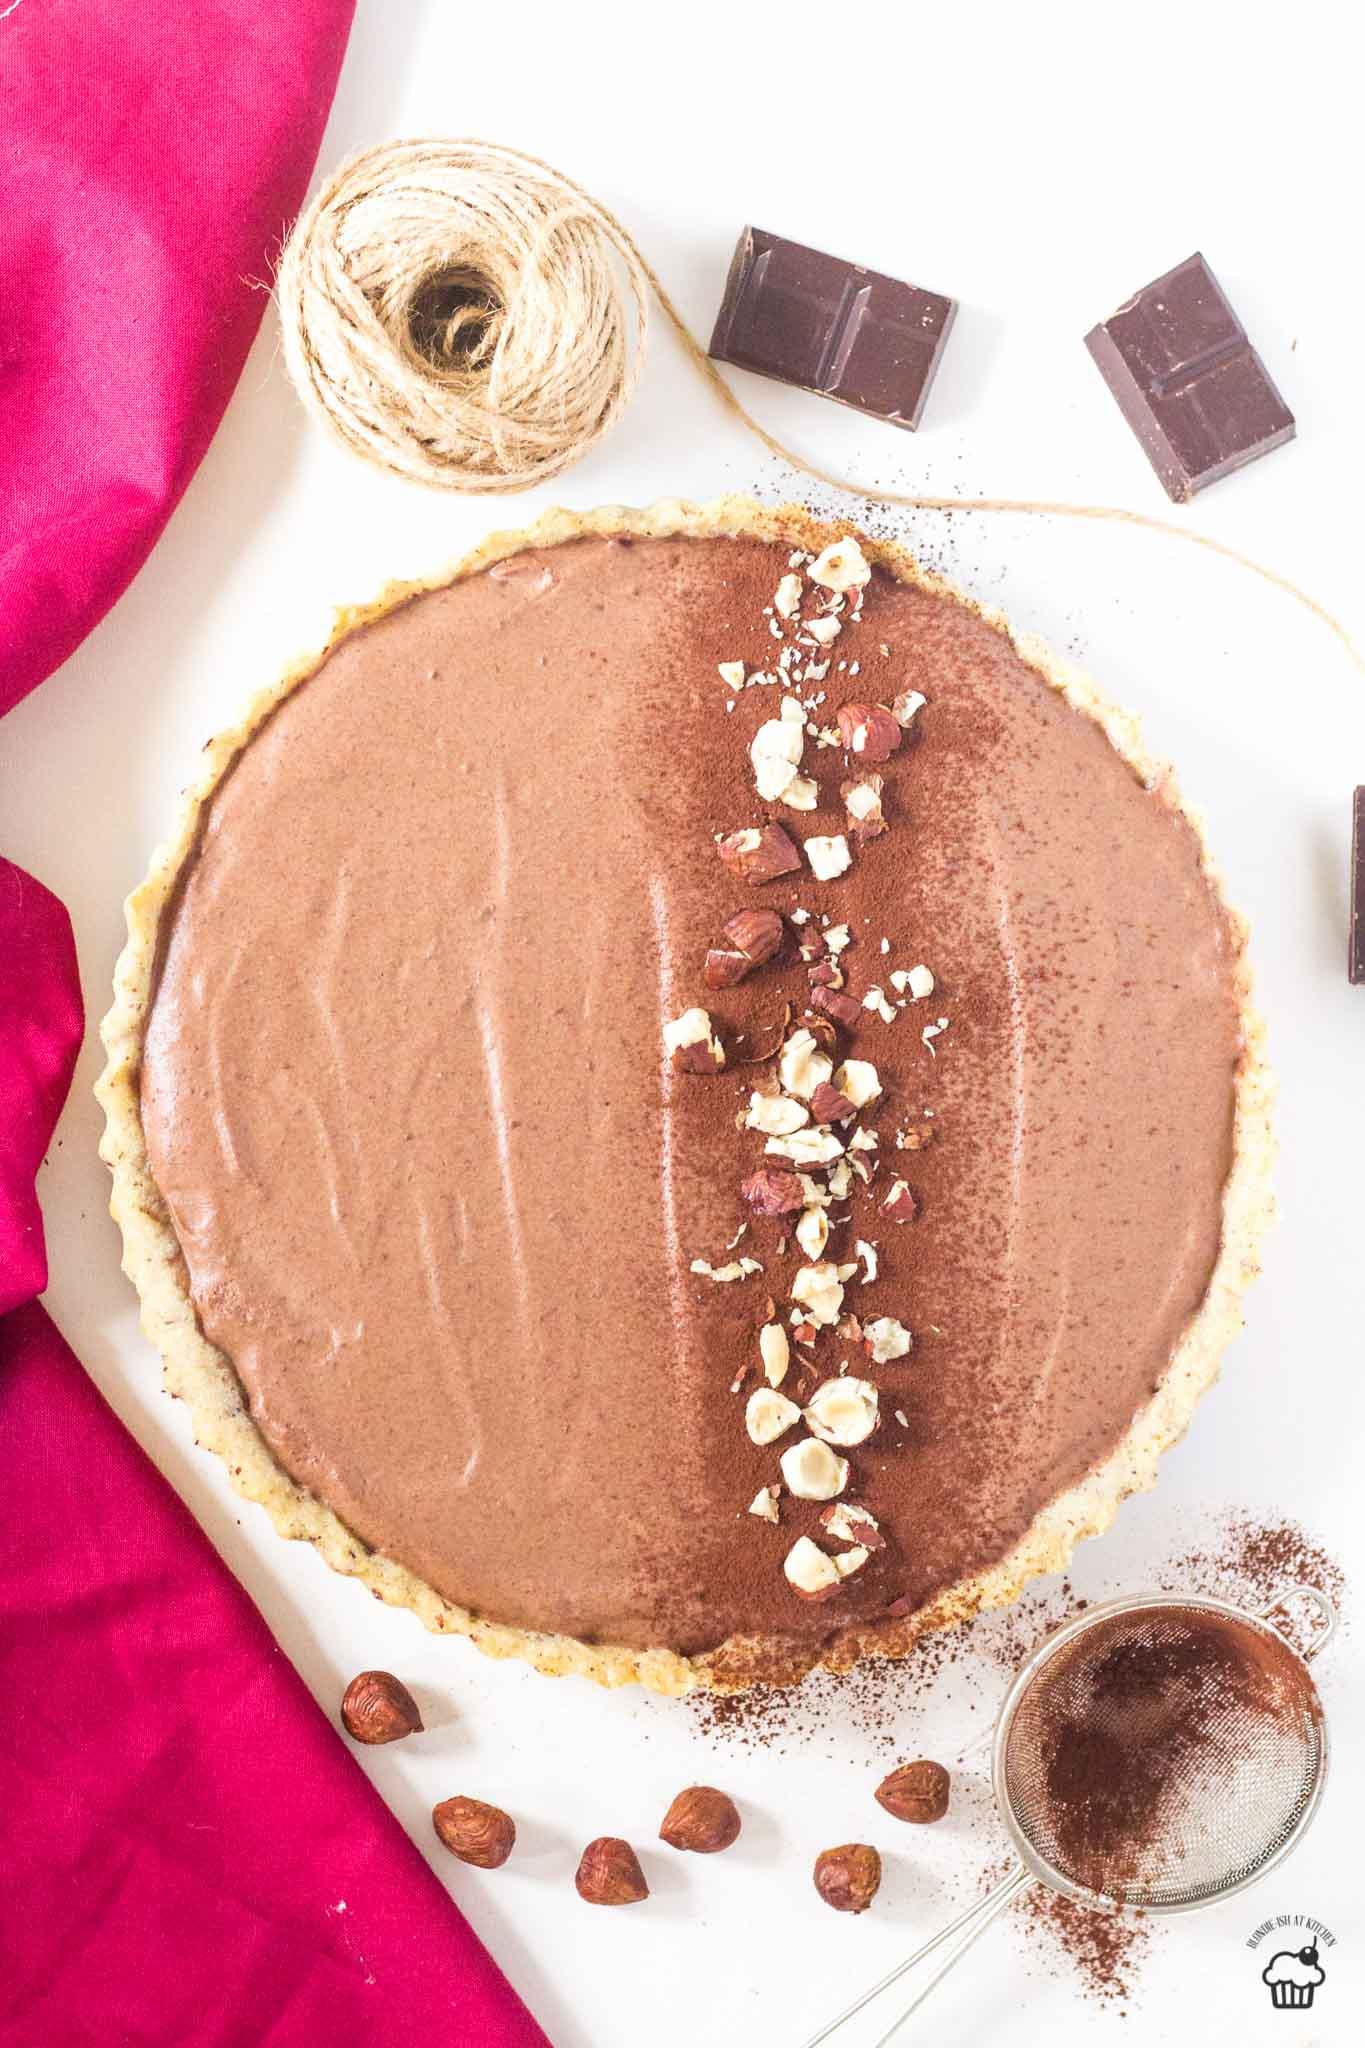 orieškový tart s čokoládovým mousse